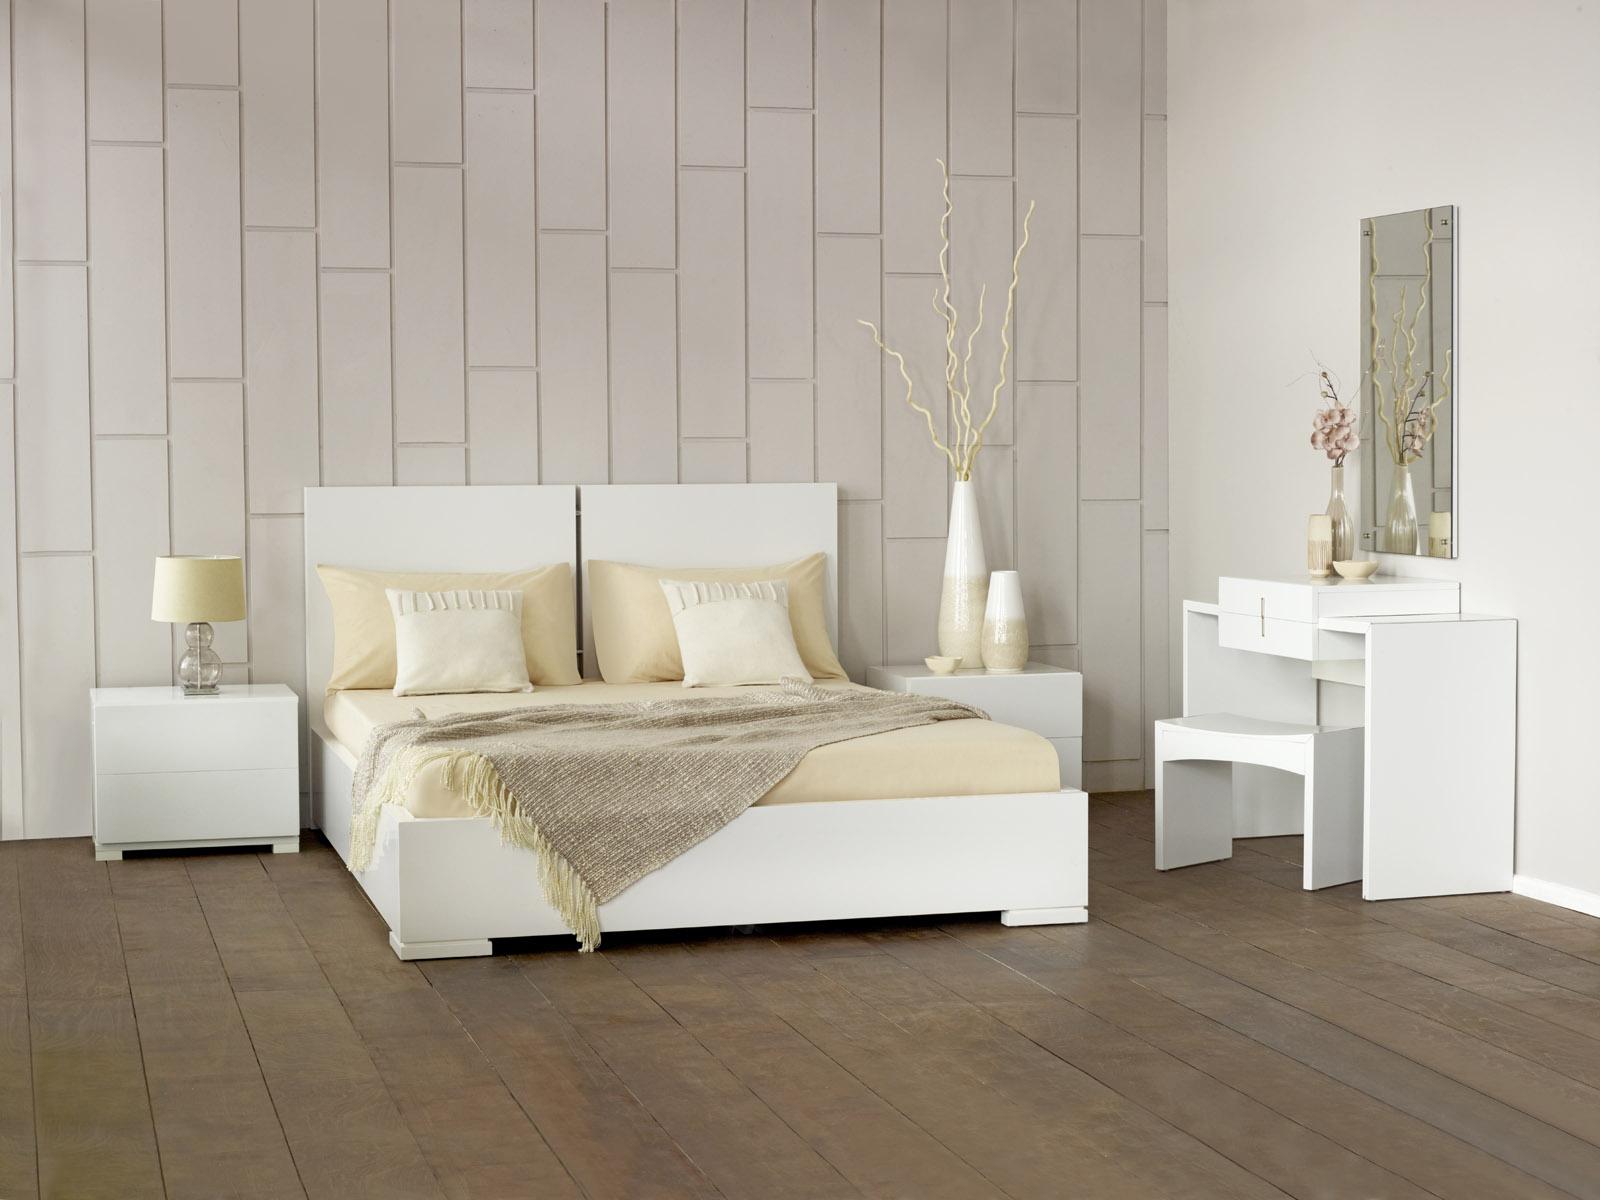 Кровать, тумбы и столик из глянцевого ДСП в стиле минимализм